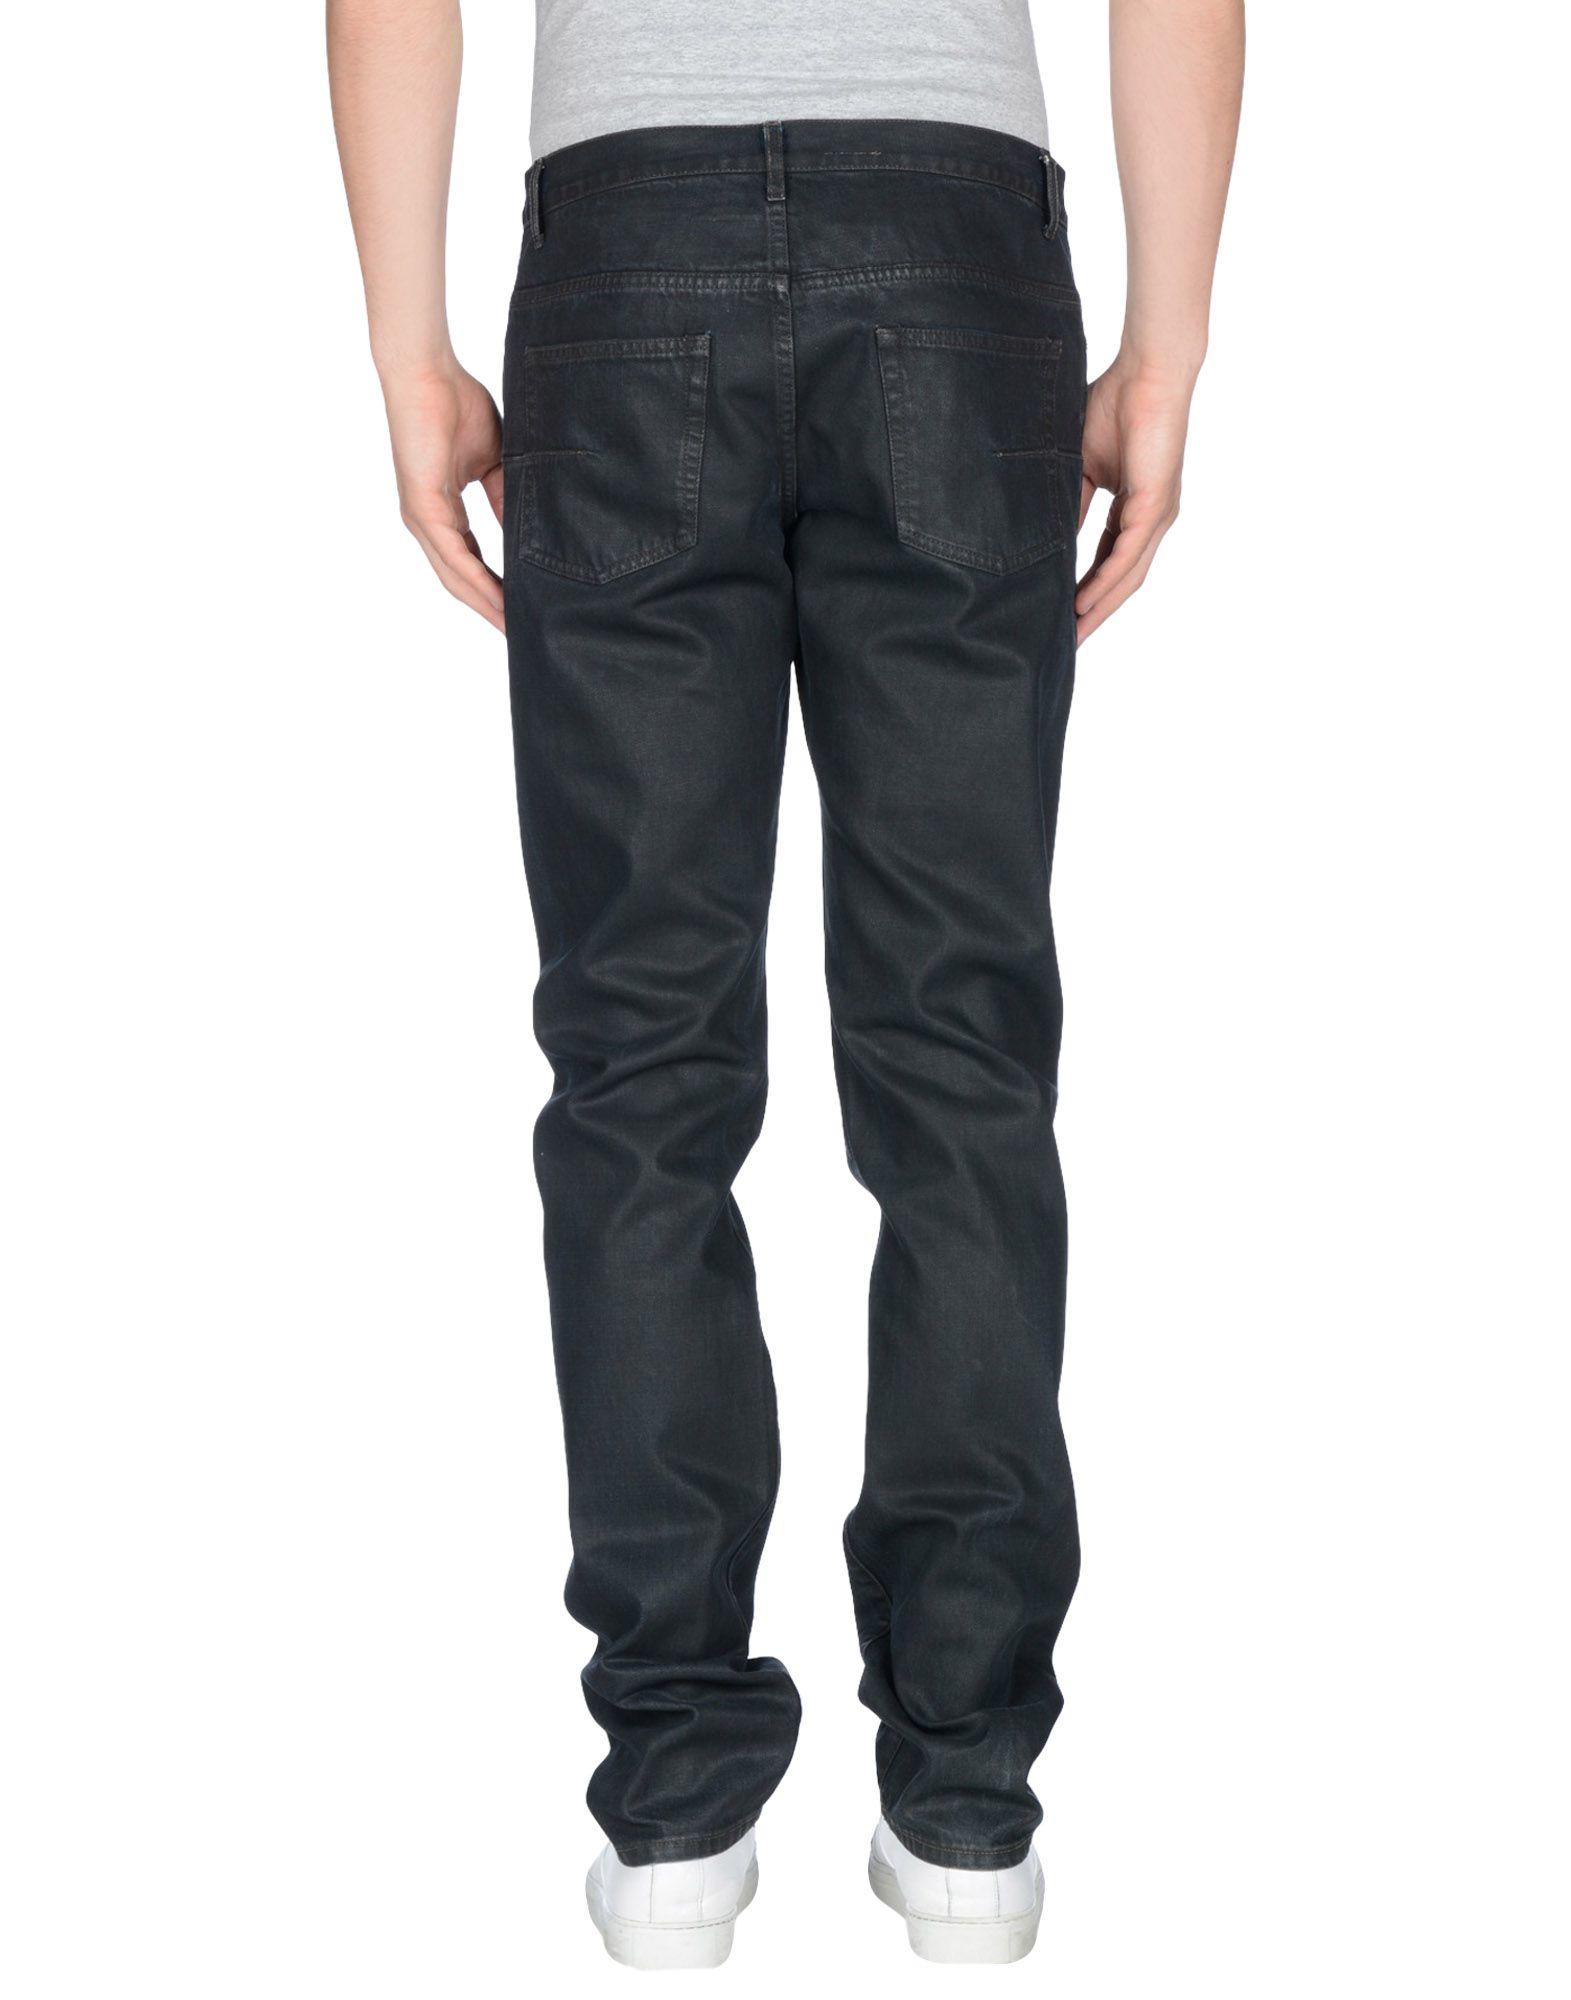 lyst dior homme denim pants in black for men. Black Bedroom Furniture Sets. Home Design Ideas